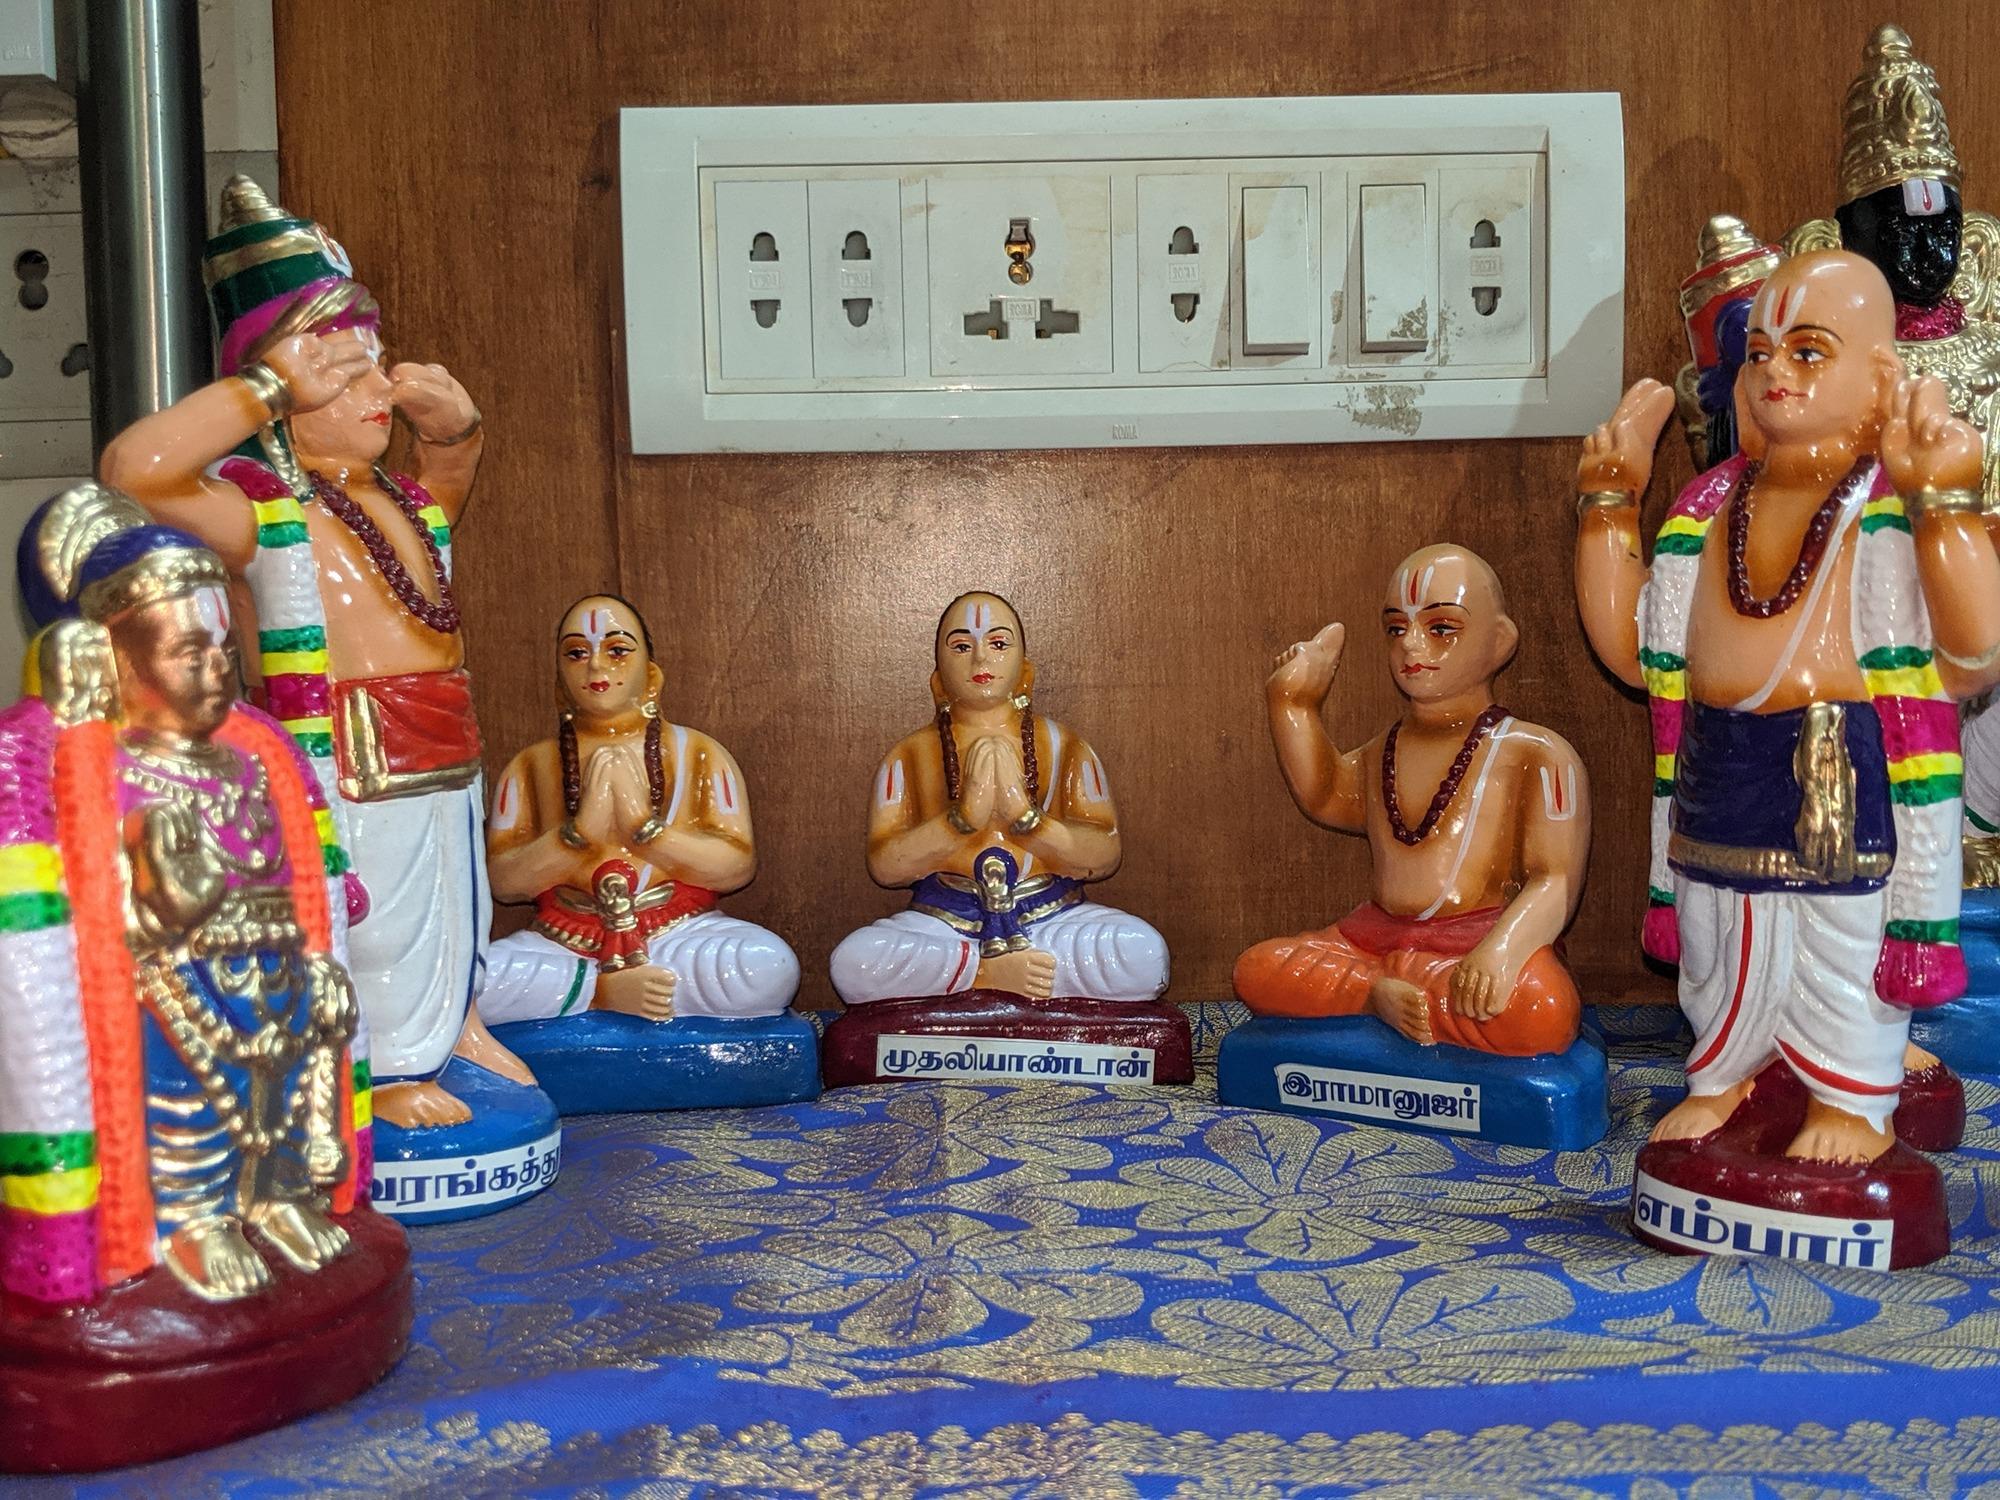 திருவரங்கத்து அரையர், முதலியாண்டான், திரு இராமானுஜர், எம்பார்